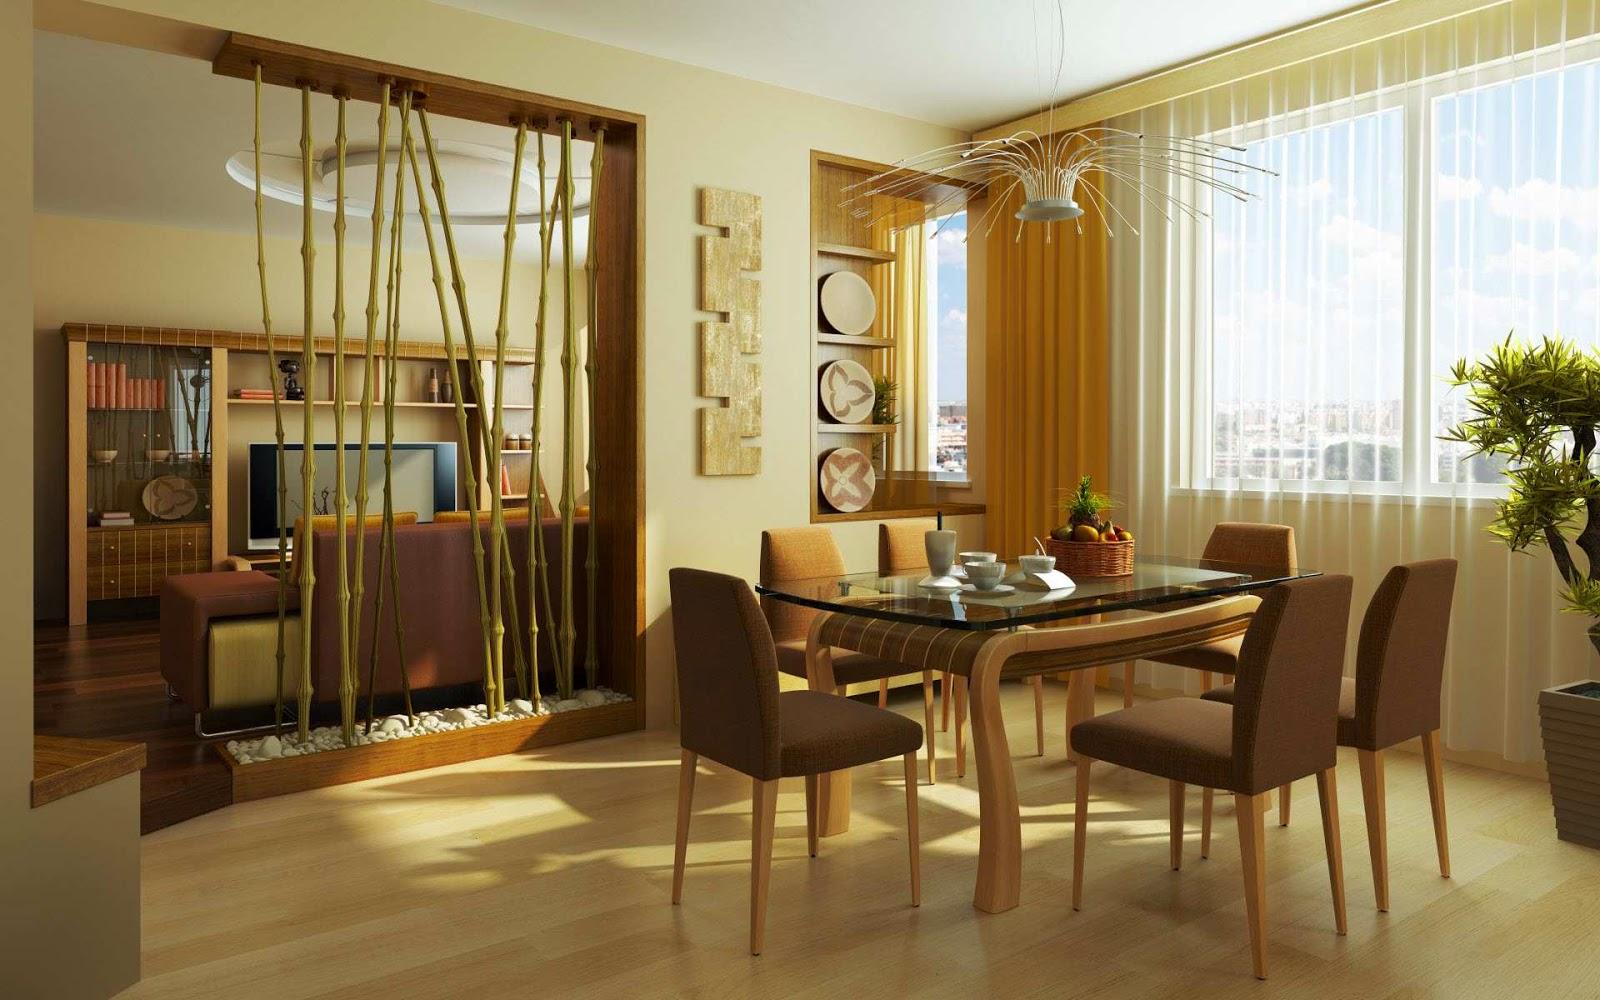 Bambu Baño Feng Shui:En las habitaciones preferiblemente no se aconsejan por encima de los